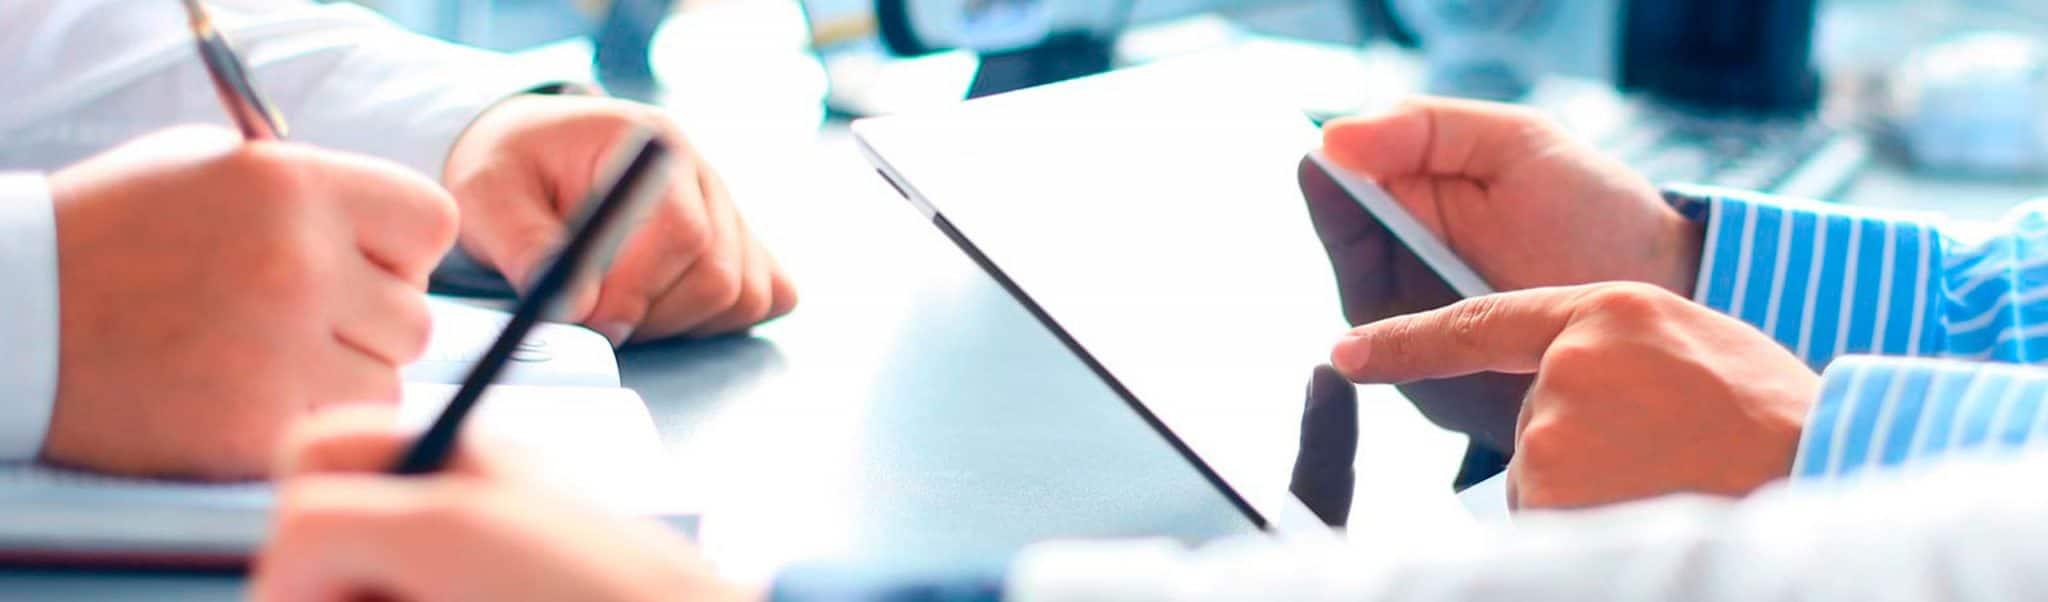 Reestructuraciones empresariales e insolvencias